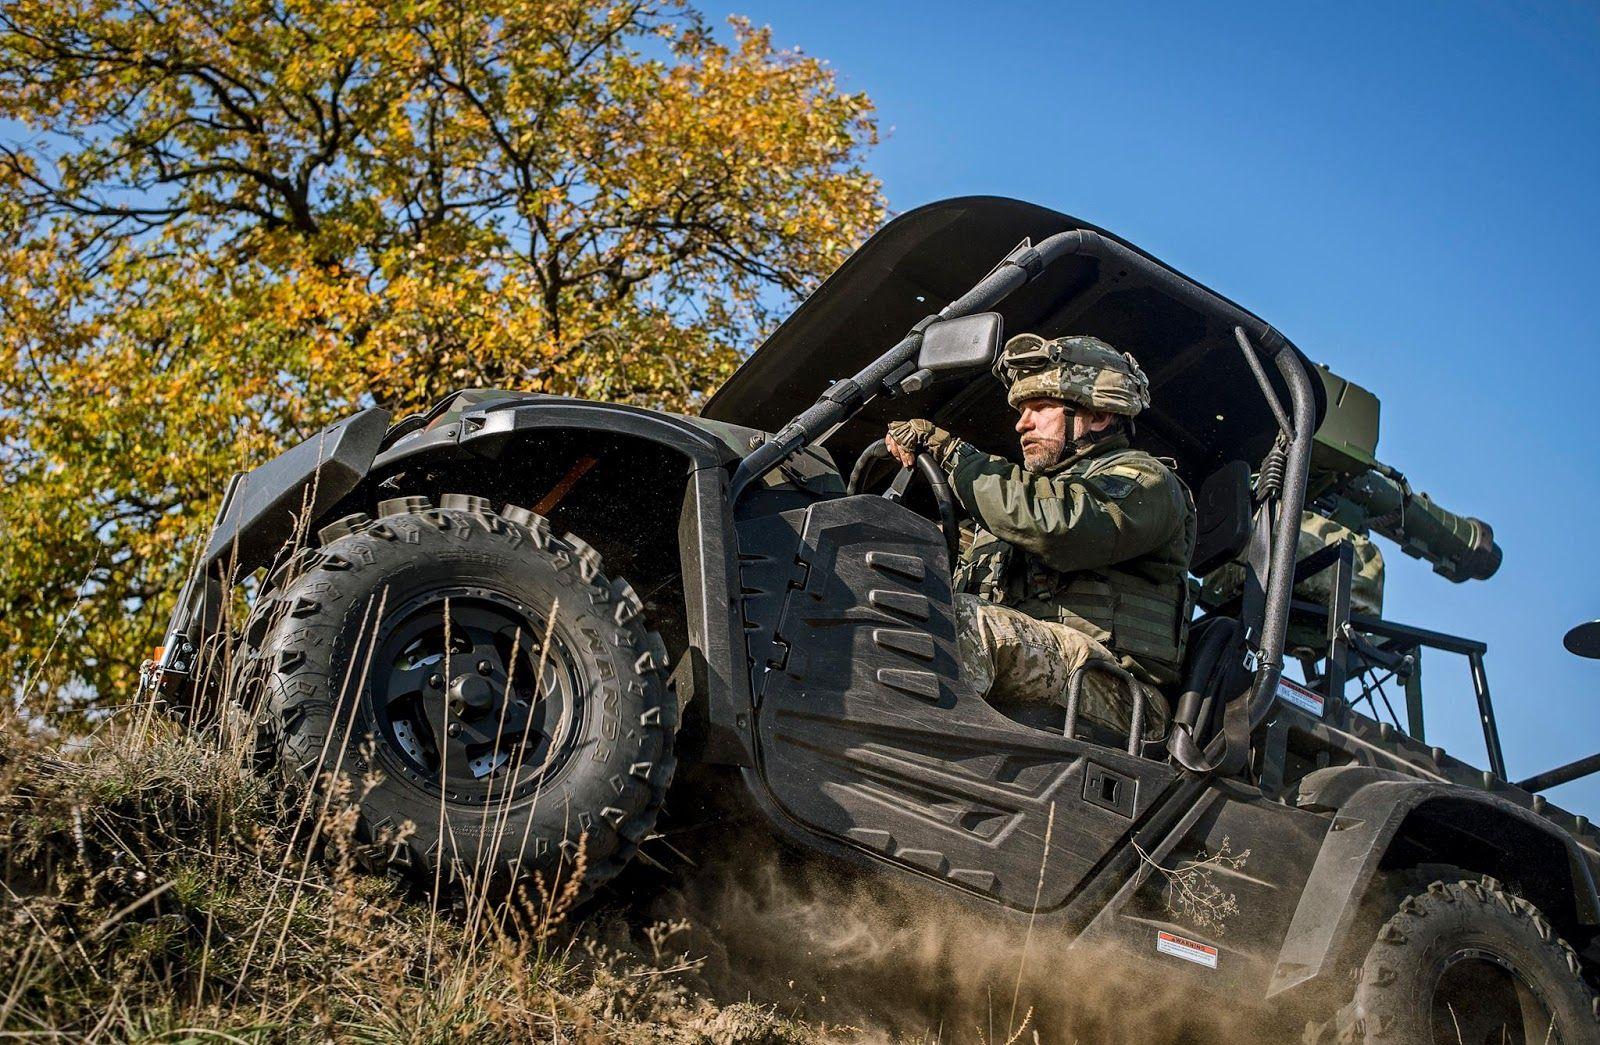 93 Ya Brigada Otrimala Vsyudihodi Utv Dlya Ptrk Stugna Army Truck